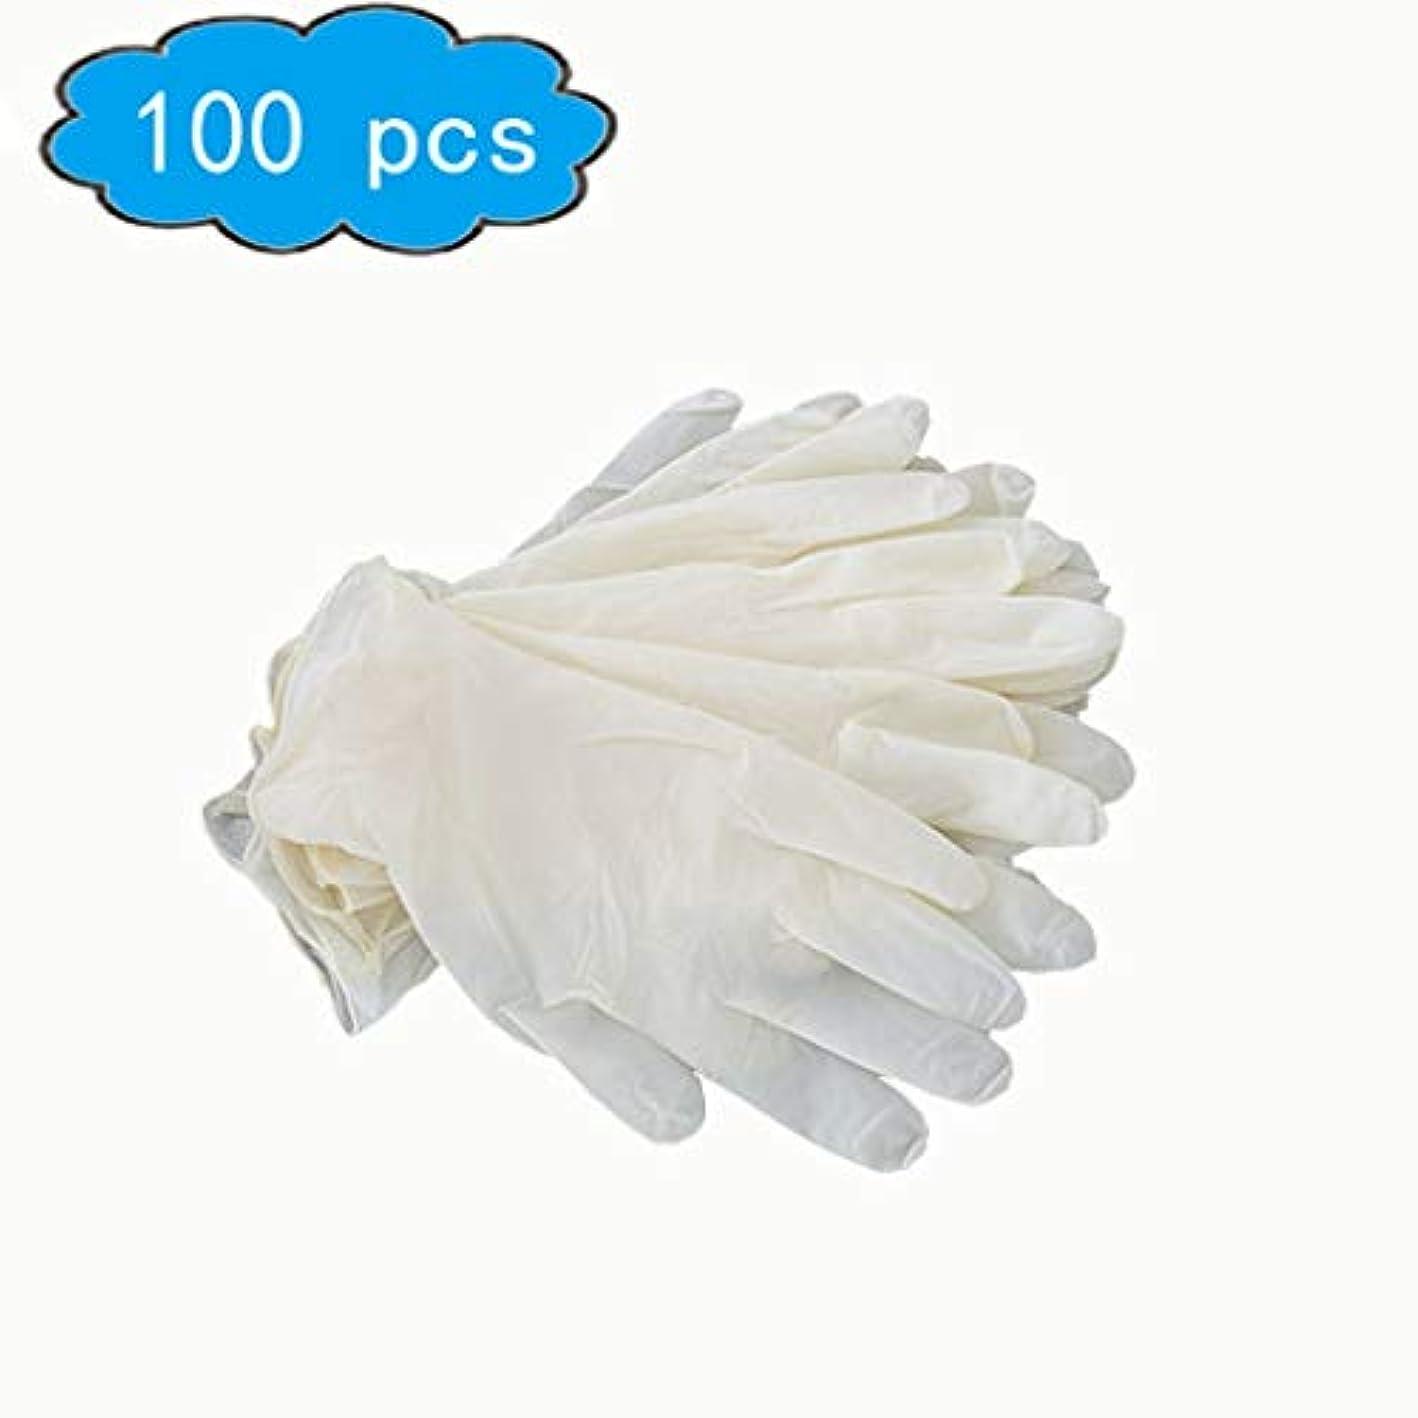 飛躍千静けさラテックスゴム手袋パウダーフリー/使い捨て食品調理用手袋/キッチンフードサービスクリーニンググローブサイズ中型、100個入り、応急処置用品 (Color : Beige, Size : L)